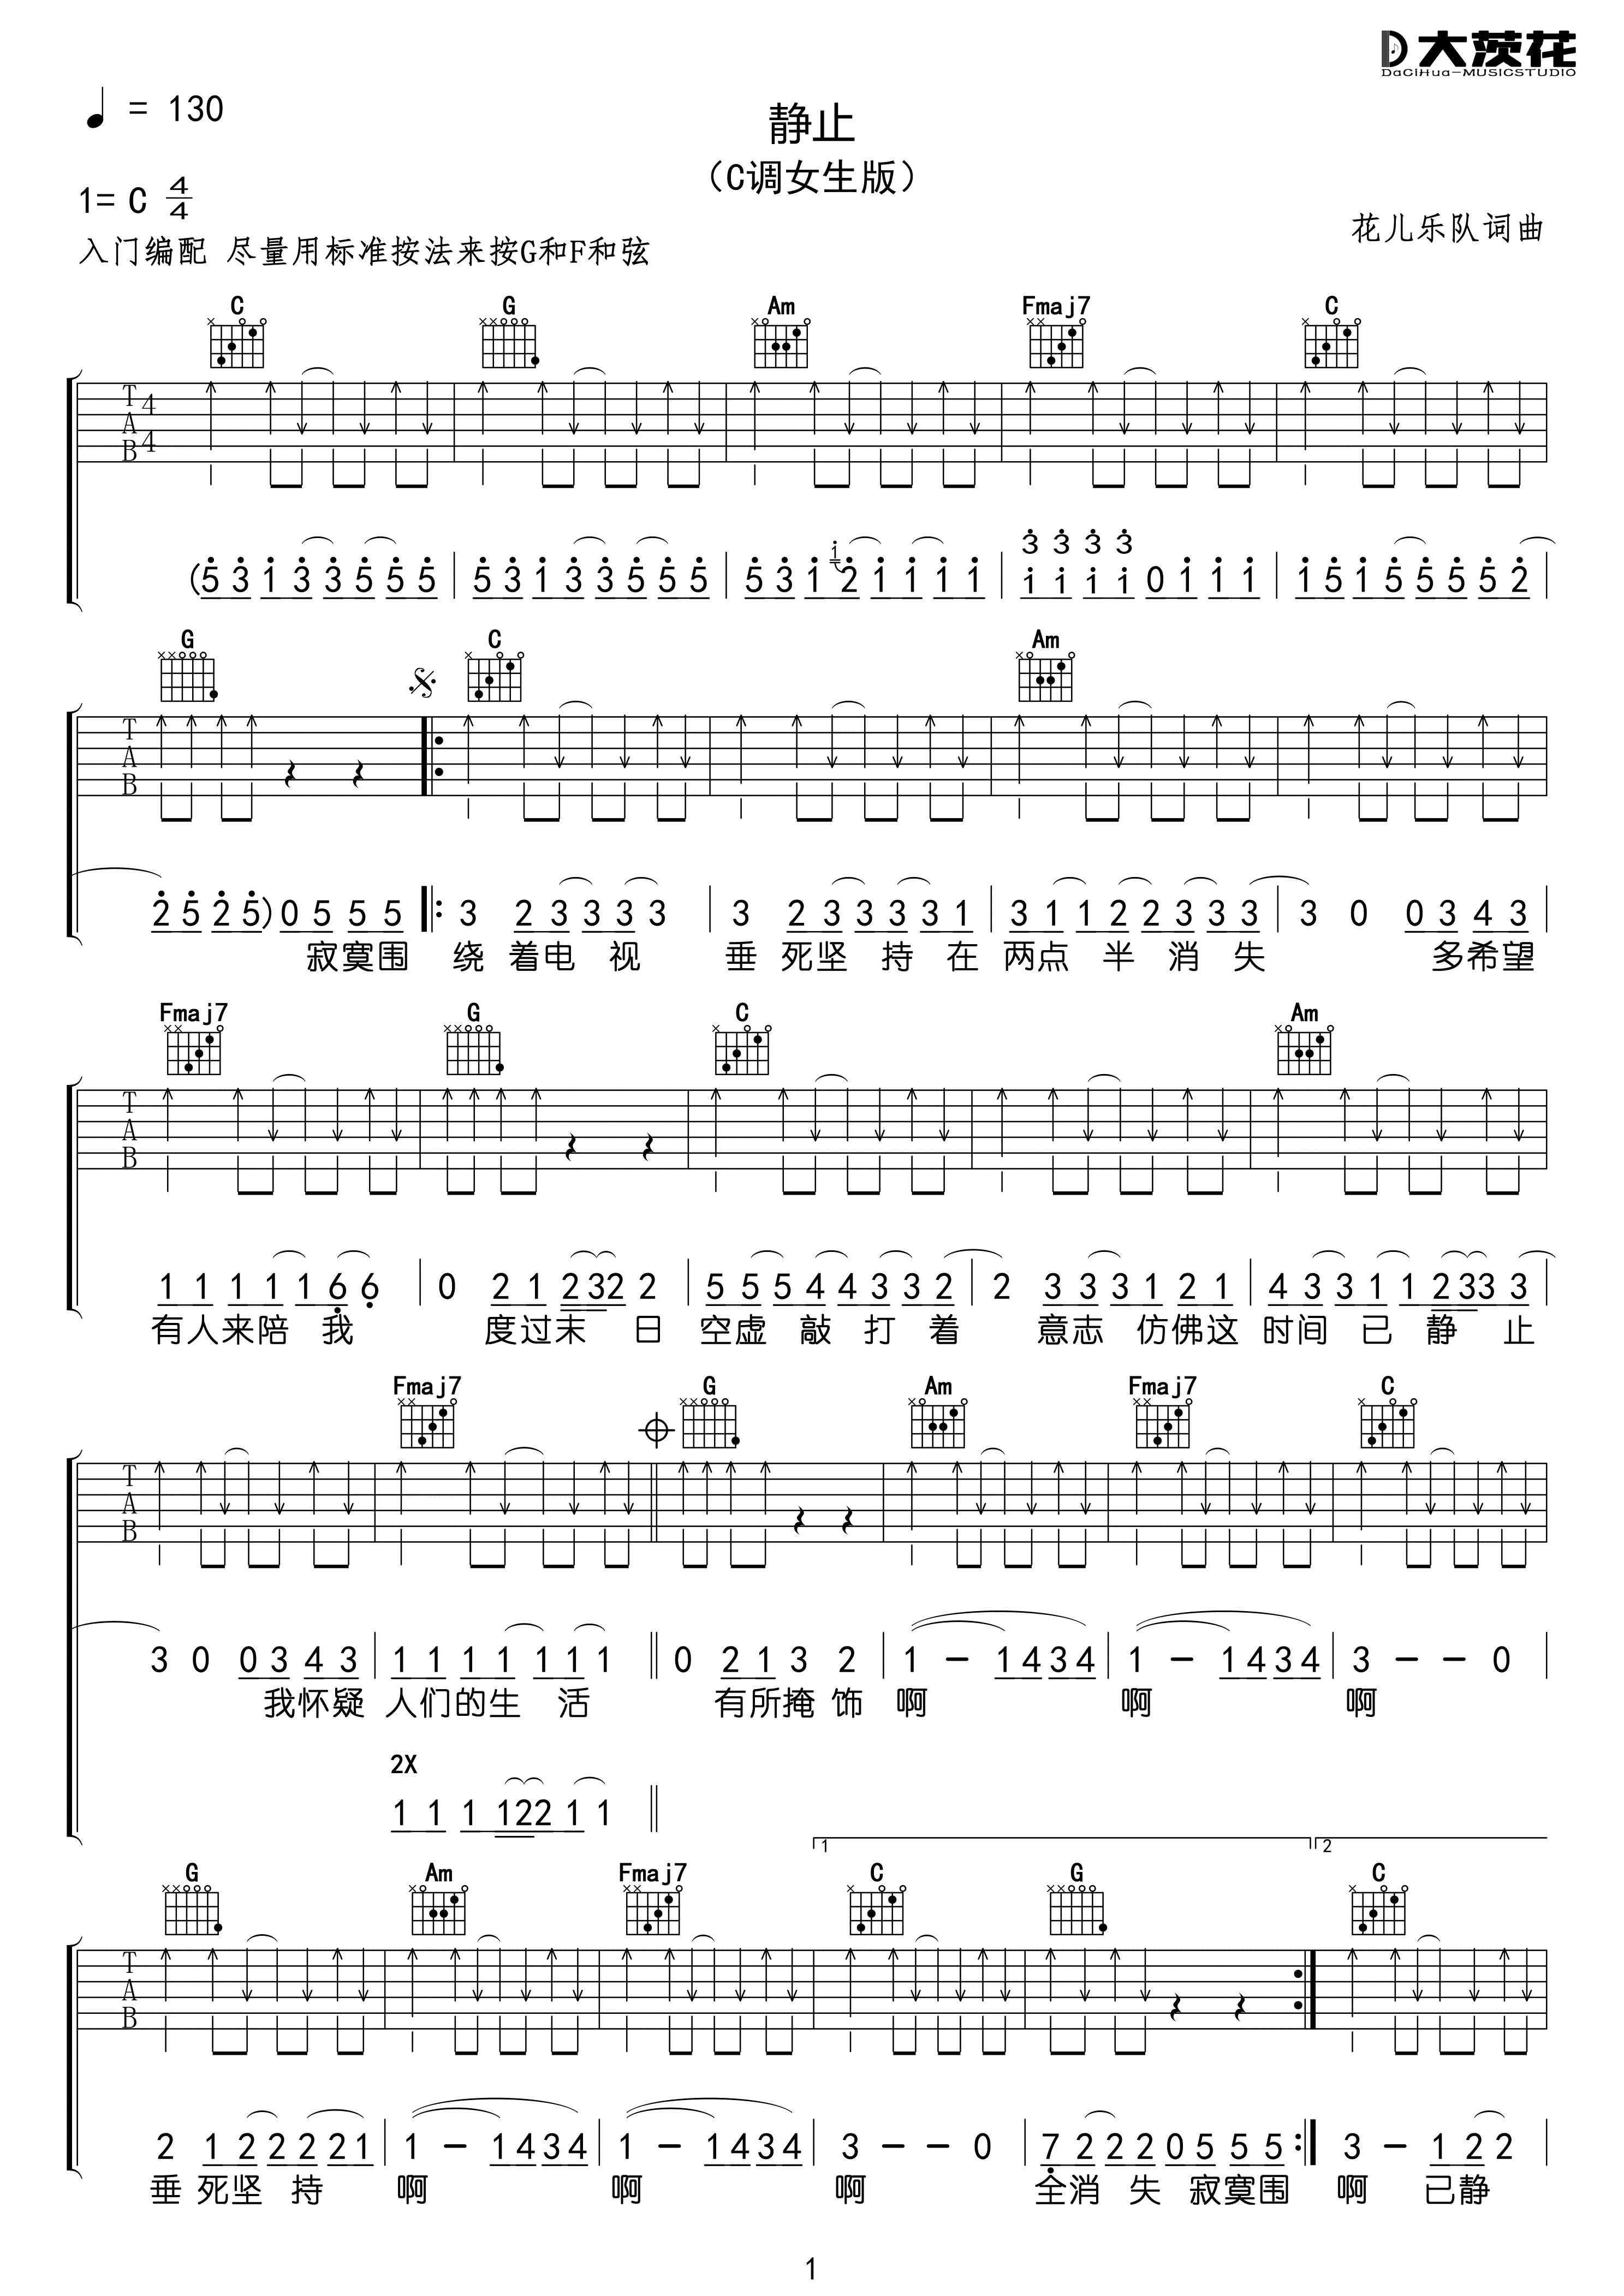 静止(G+C)吉他谱(图片谱)_花儿(花儿乐队)_DCH 静止 C调女版01.jpg